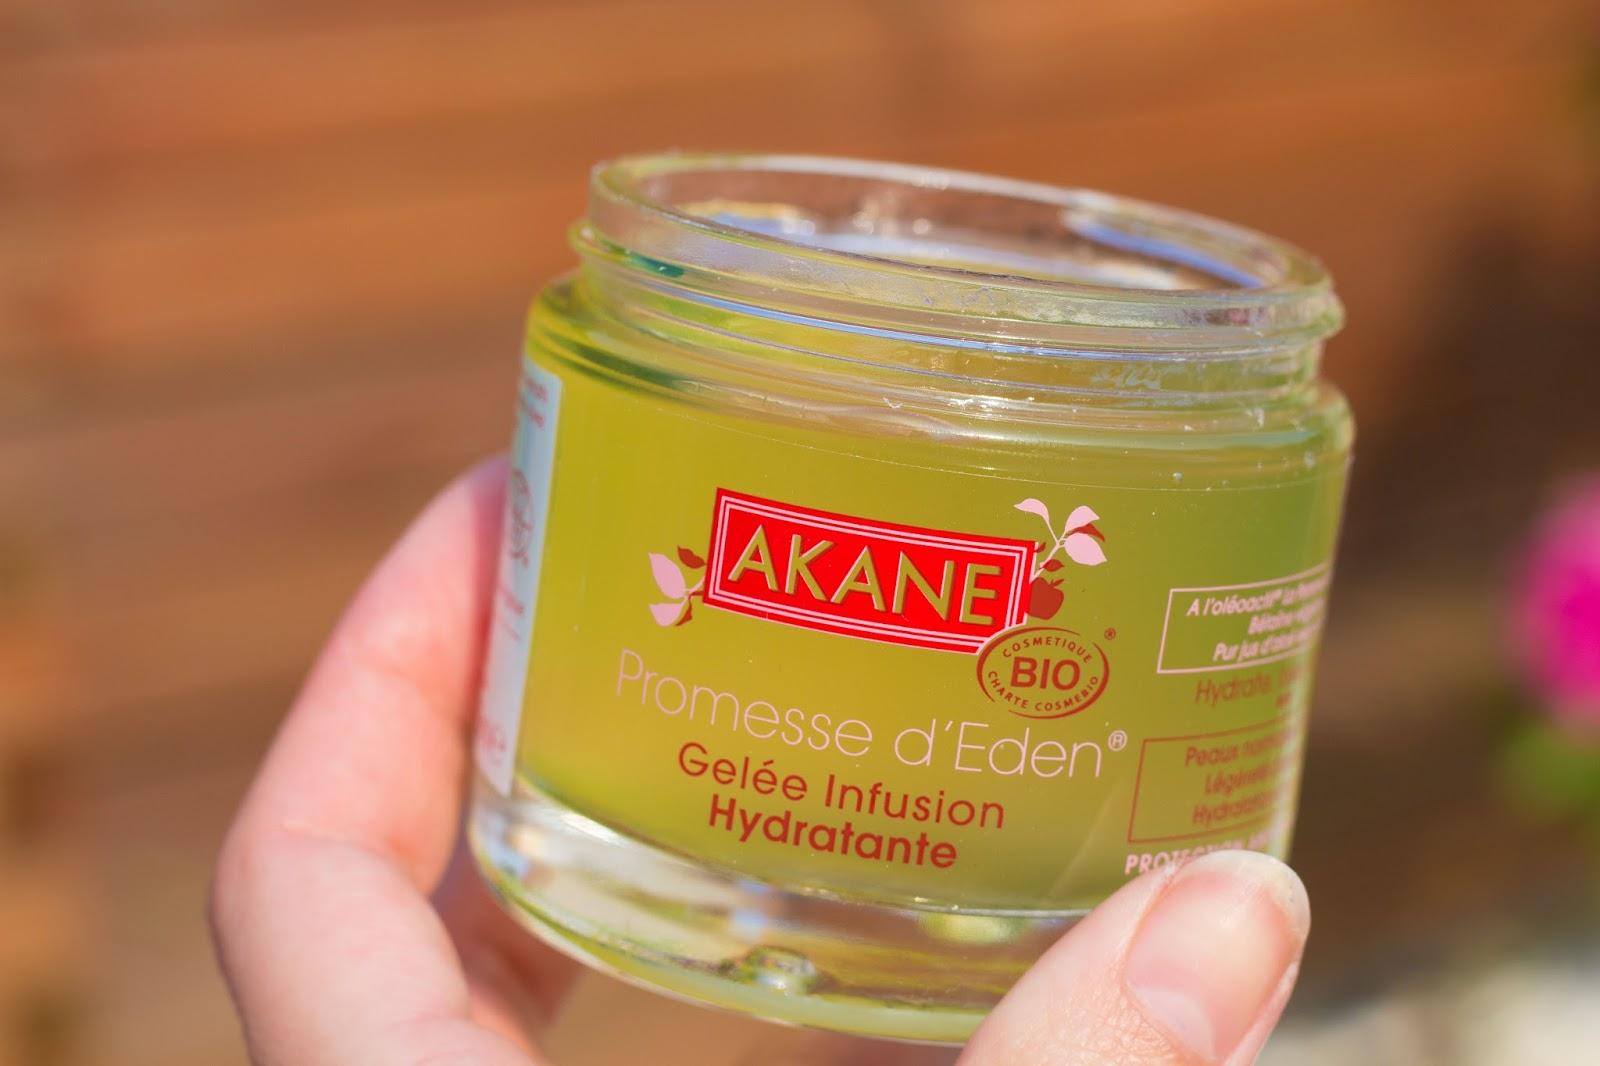 akane-routine-bio-gelee-hydratante